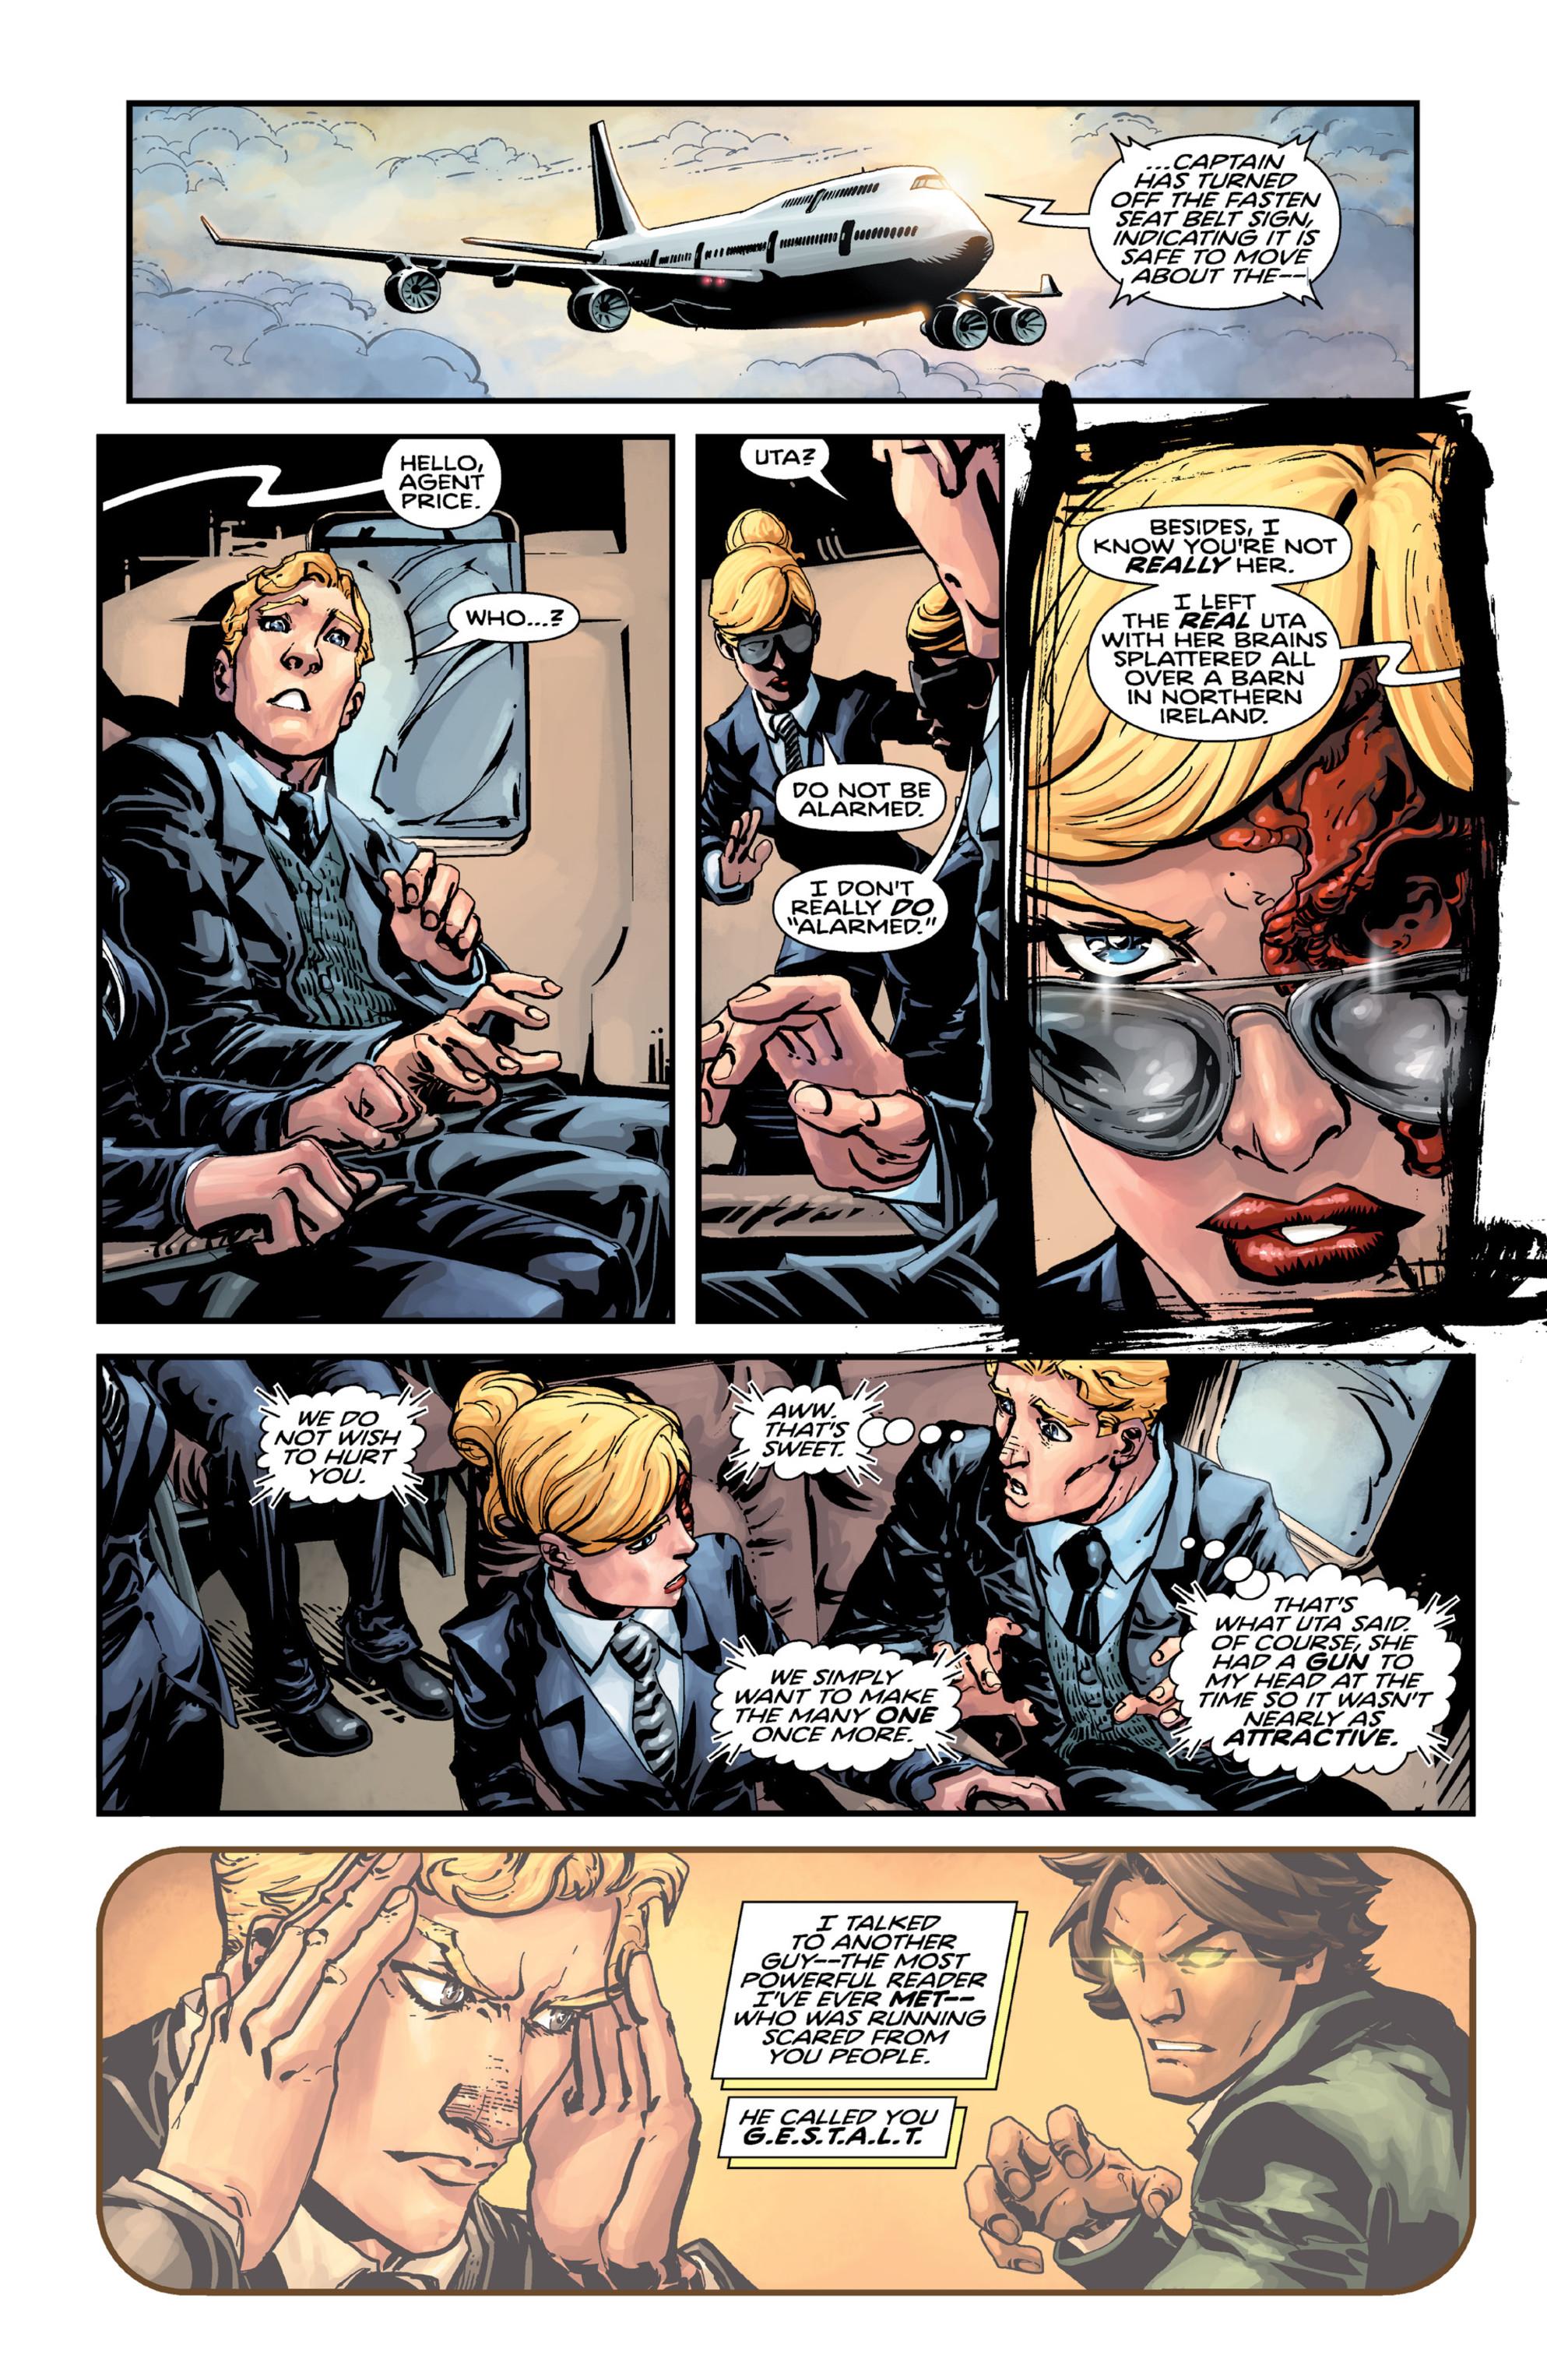 Read online Brain Boy:  The Men from G.E.S.T.A.L.T. comic -  Issue # TPB - 26